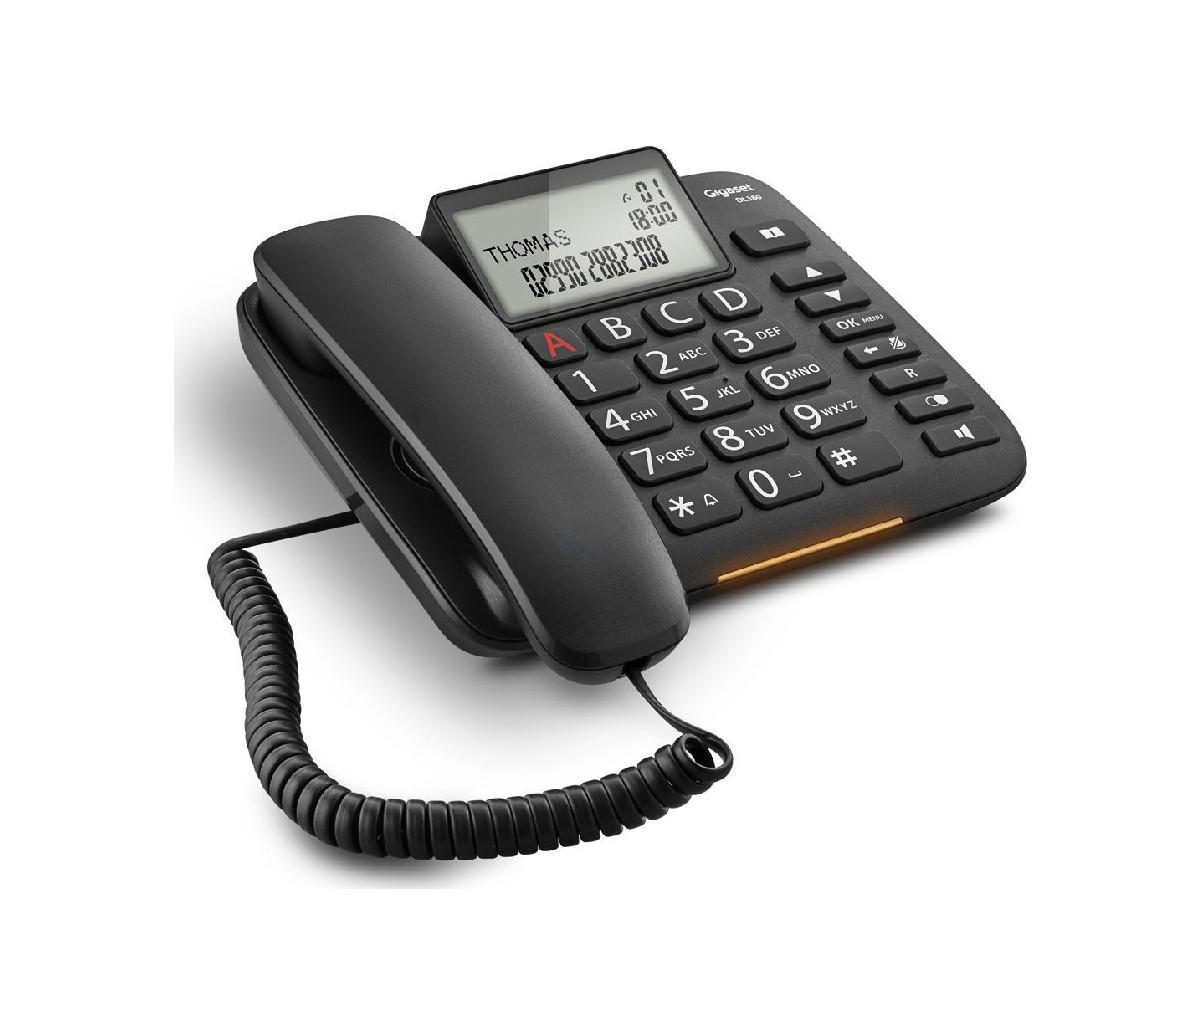 Σταθερό Ψηφιακό Τηλέφωνο Gigaset DL380  Μαύρο με Μεγάλη και Ευανάγνωστη Οθόνη S30350-S217-K101